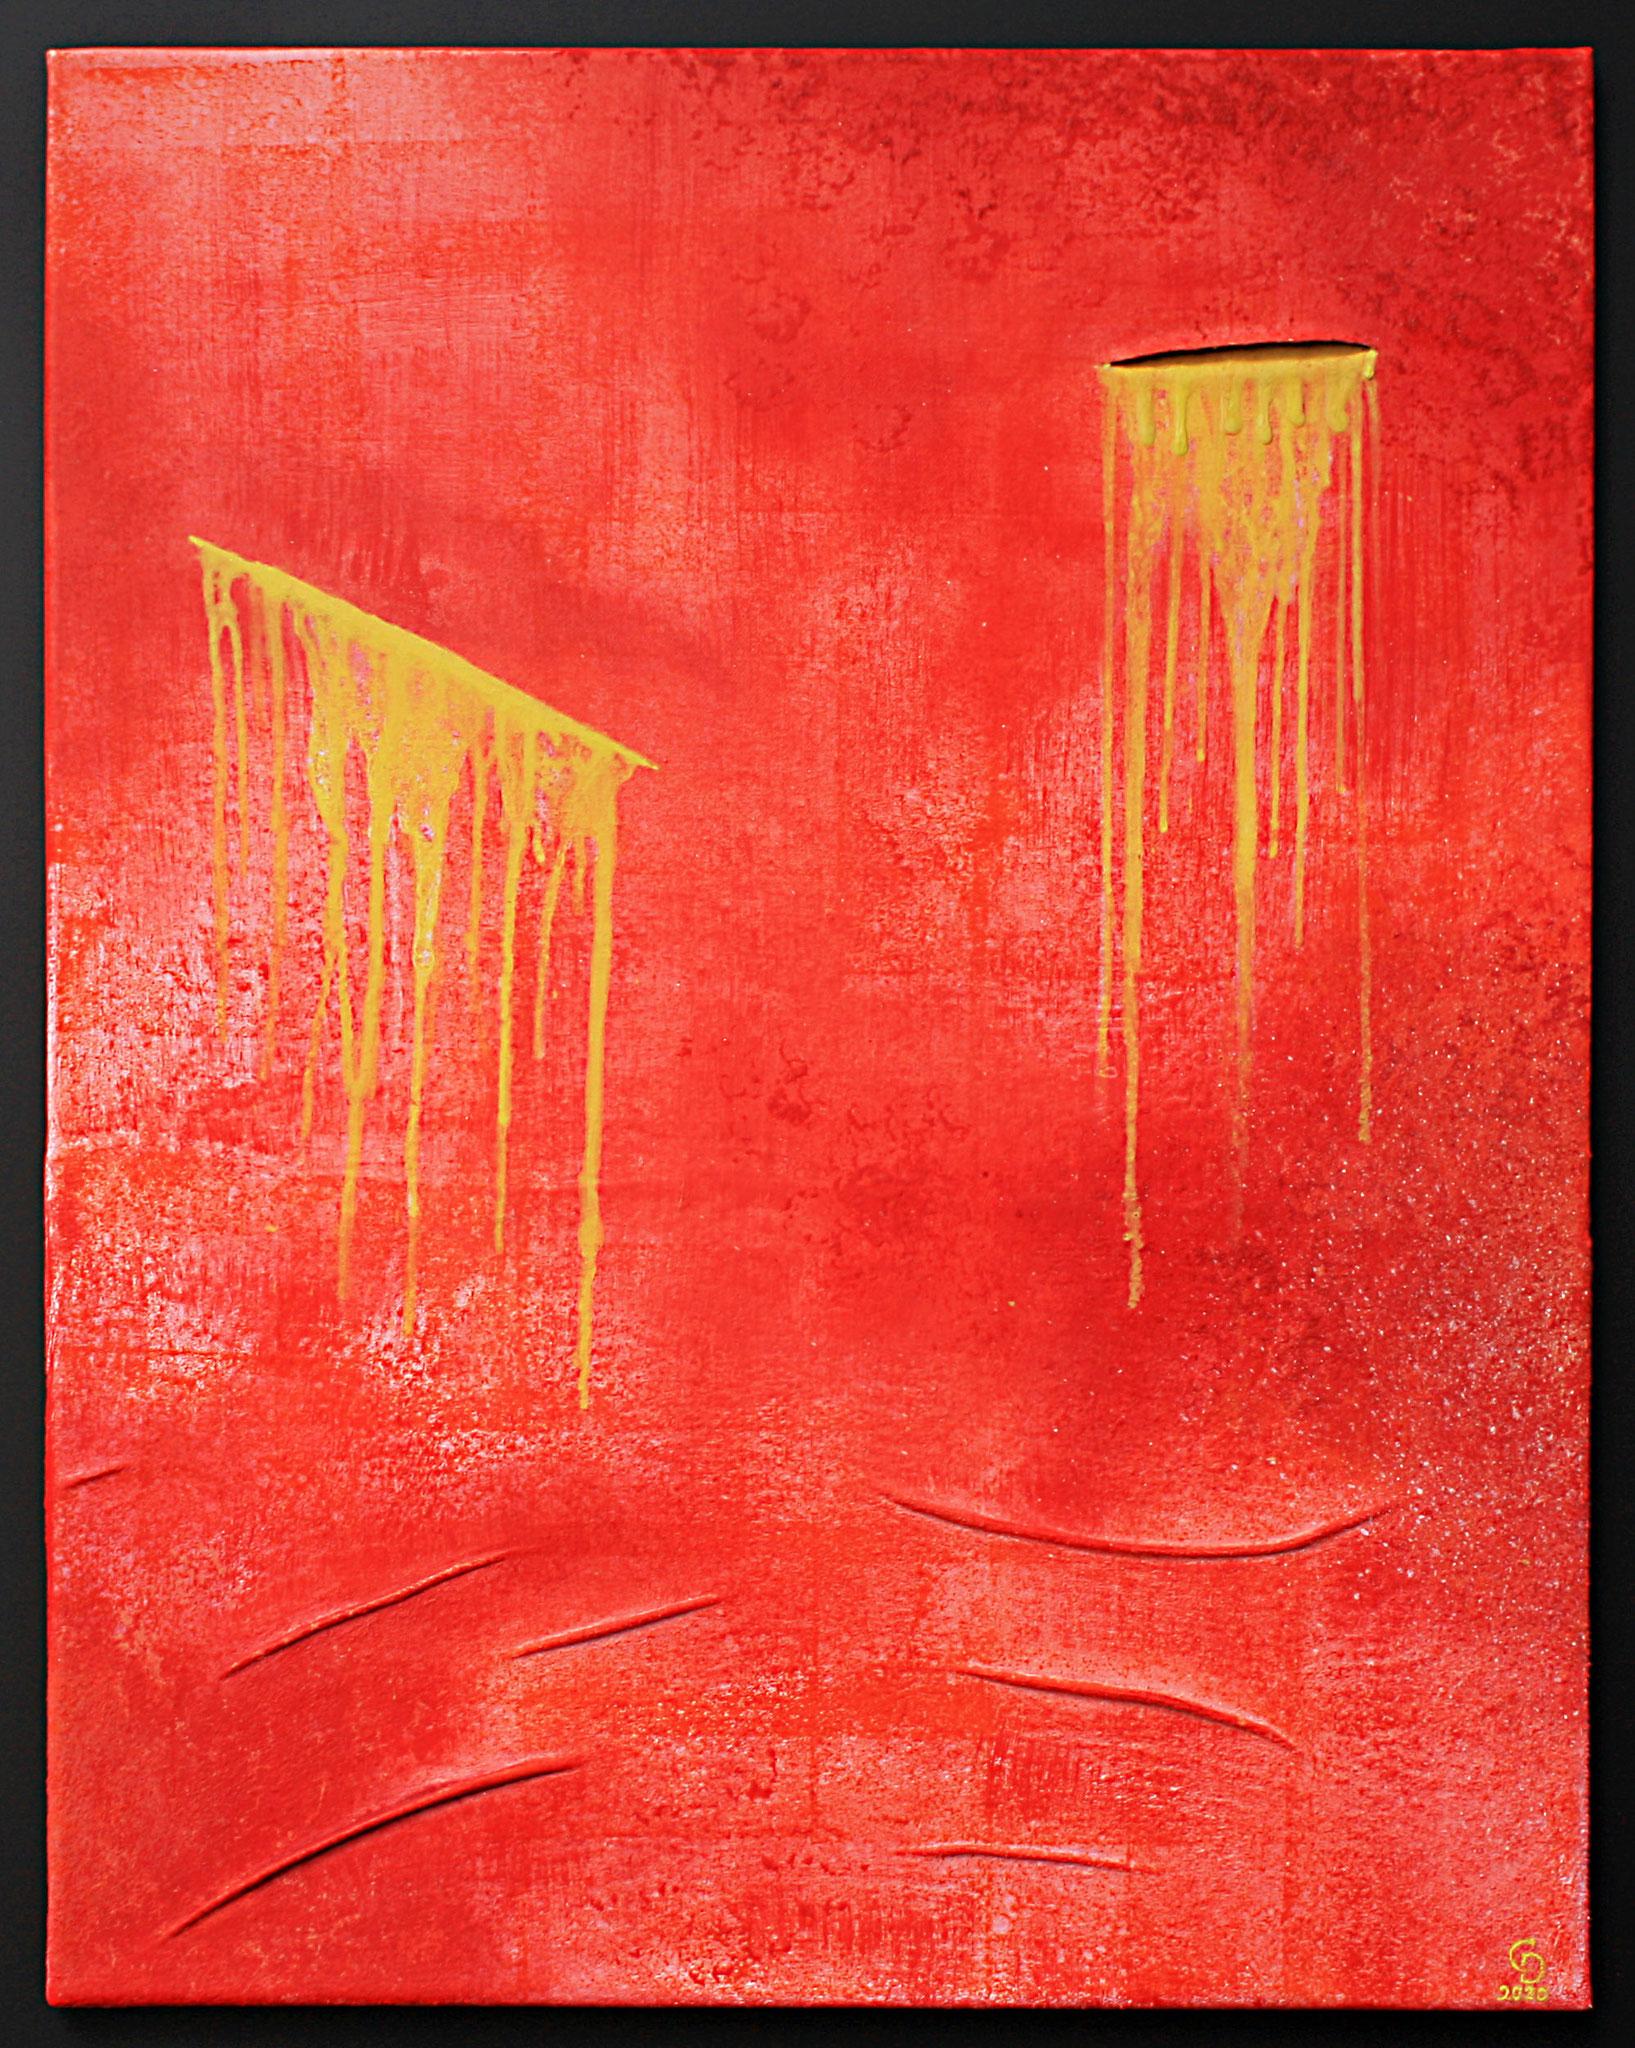 Vulnera, Acryl auf Leinwand und Textil, 74,5x57,5, Christopher Diehl